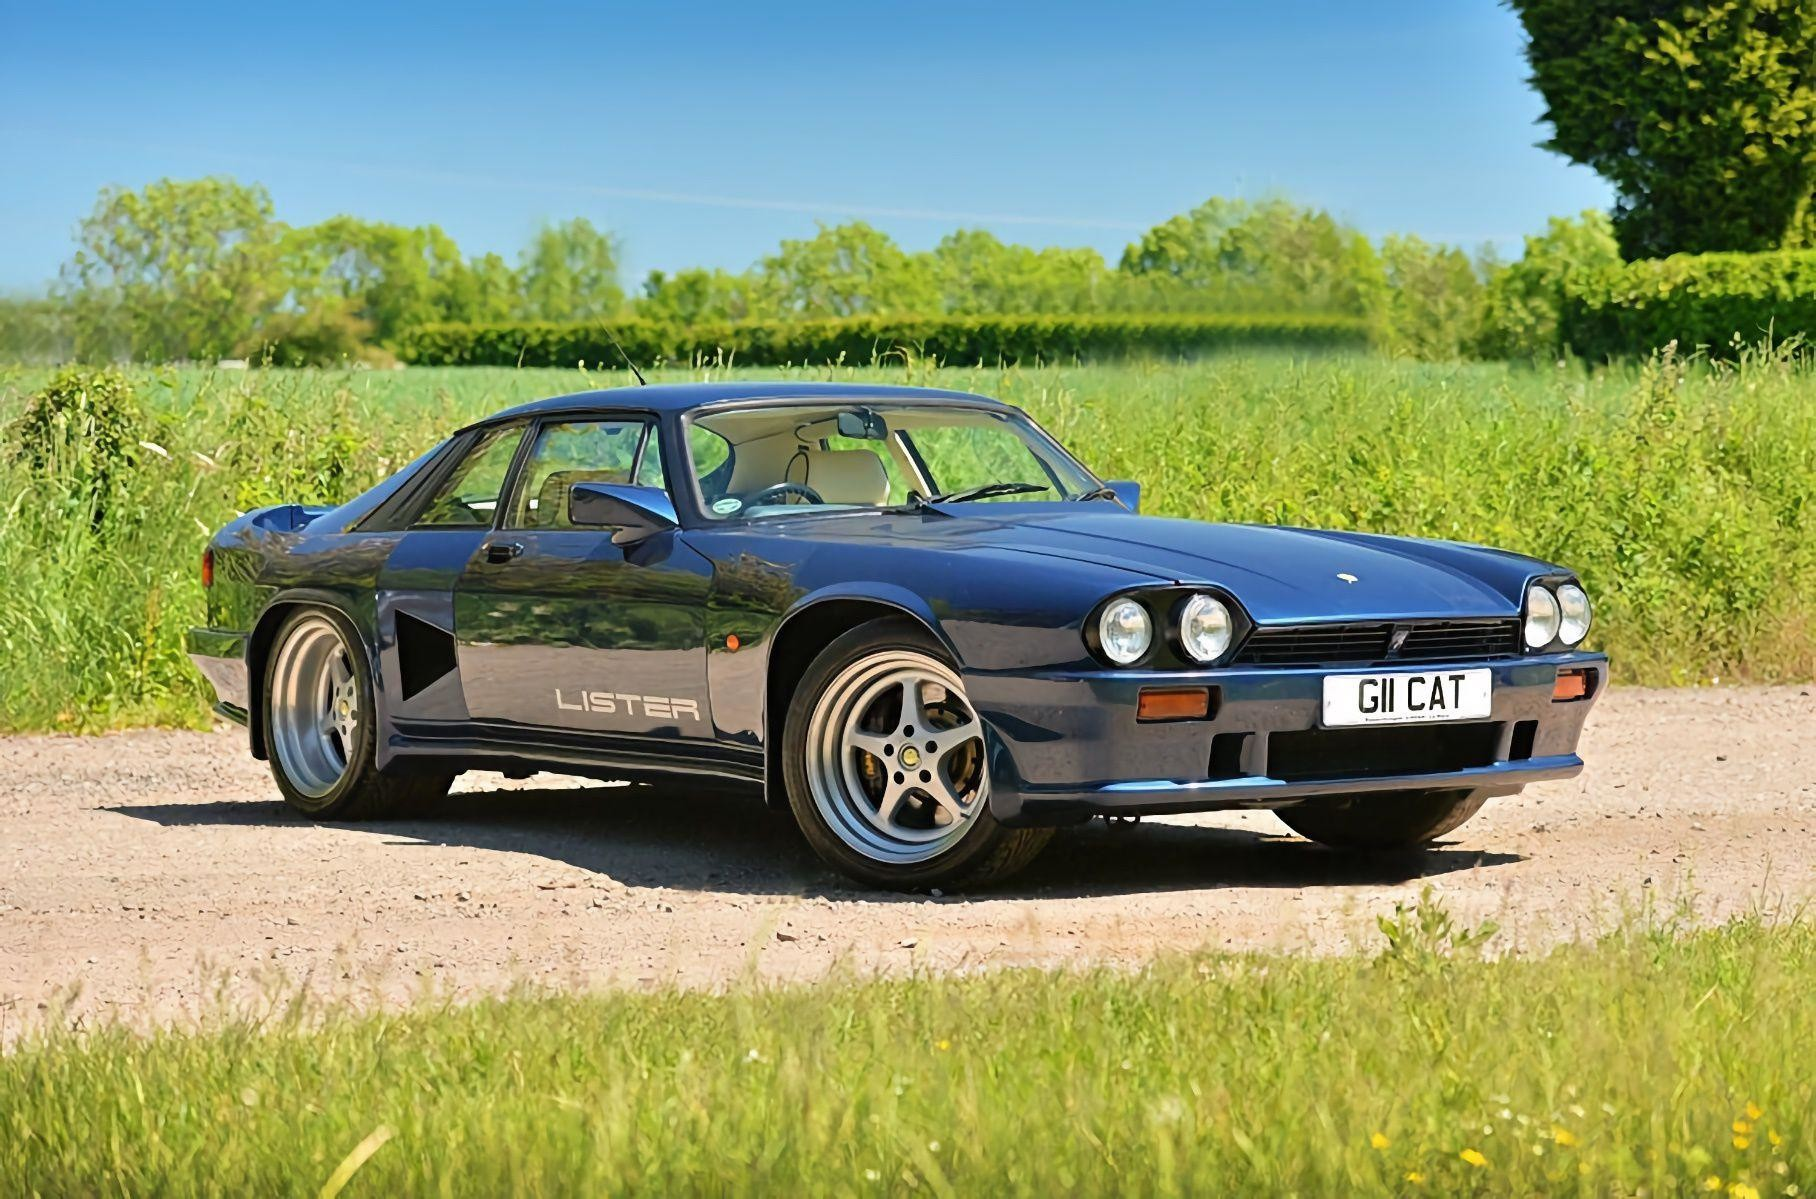 Экстремальный Lister Le Mans — это Jaguar XJ-S 1990 года